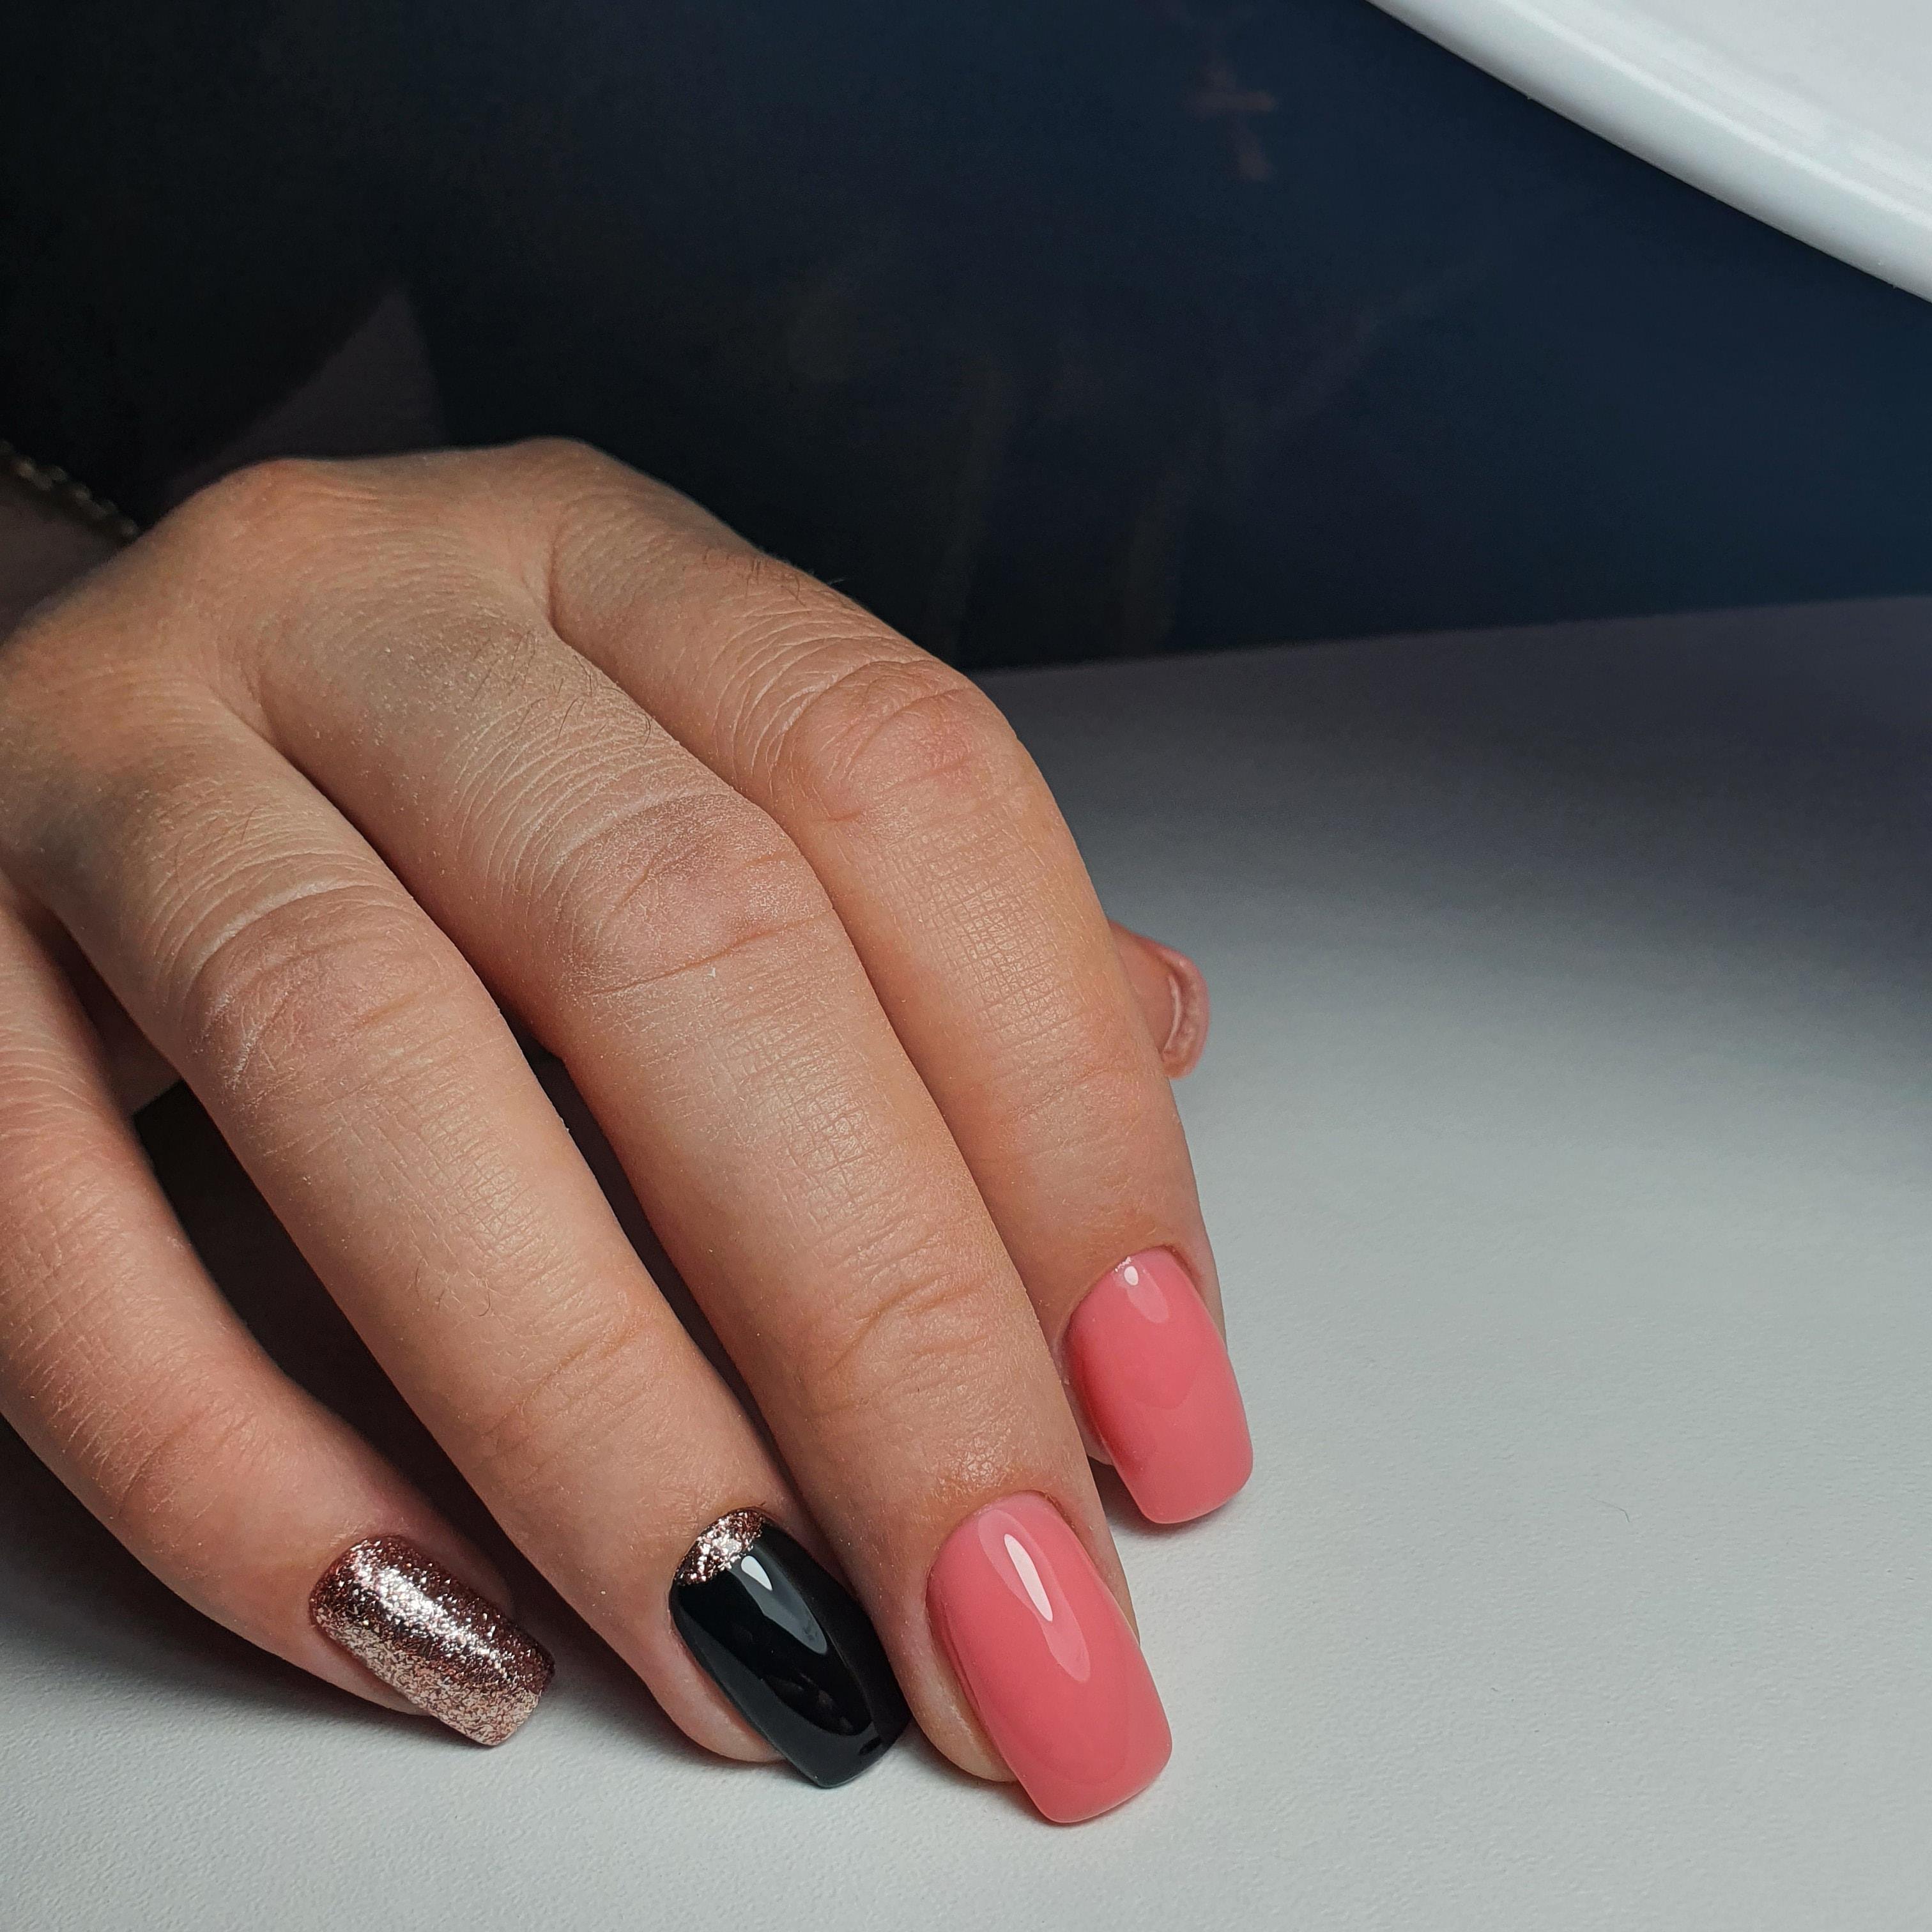 Маникюр с лунным дизайном и золотыми блестками в розовом цвете.